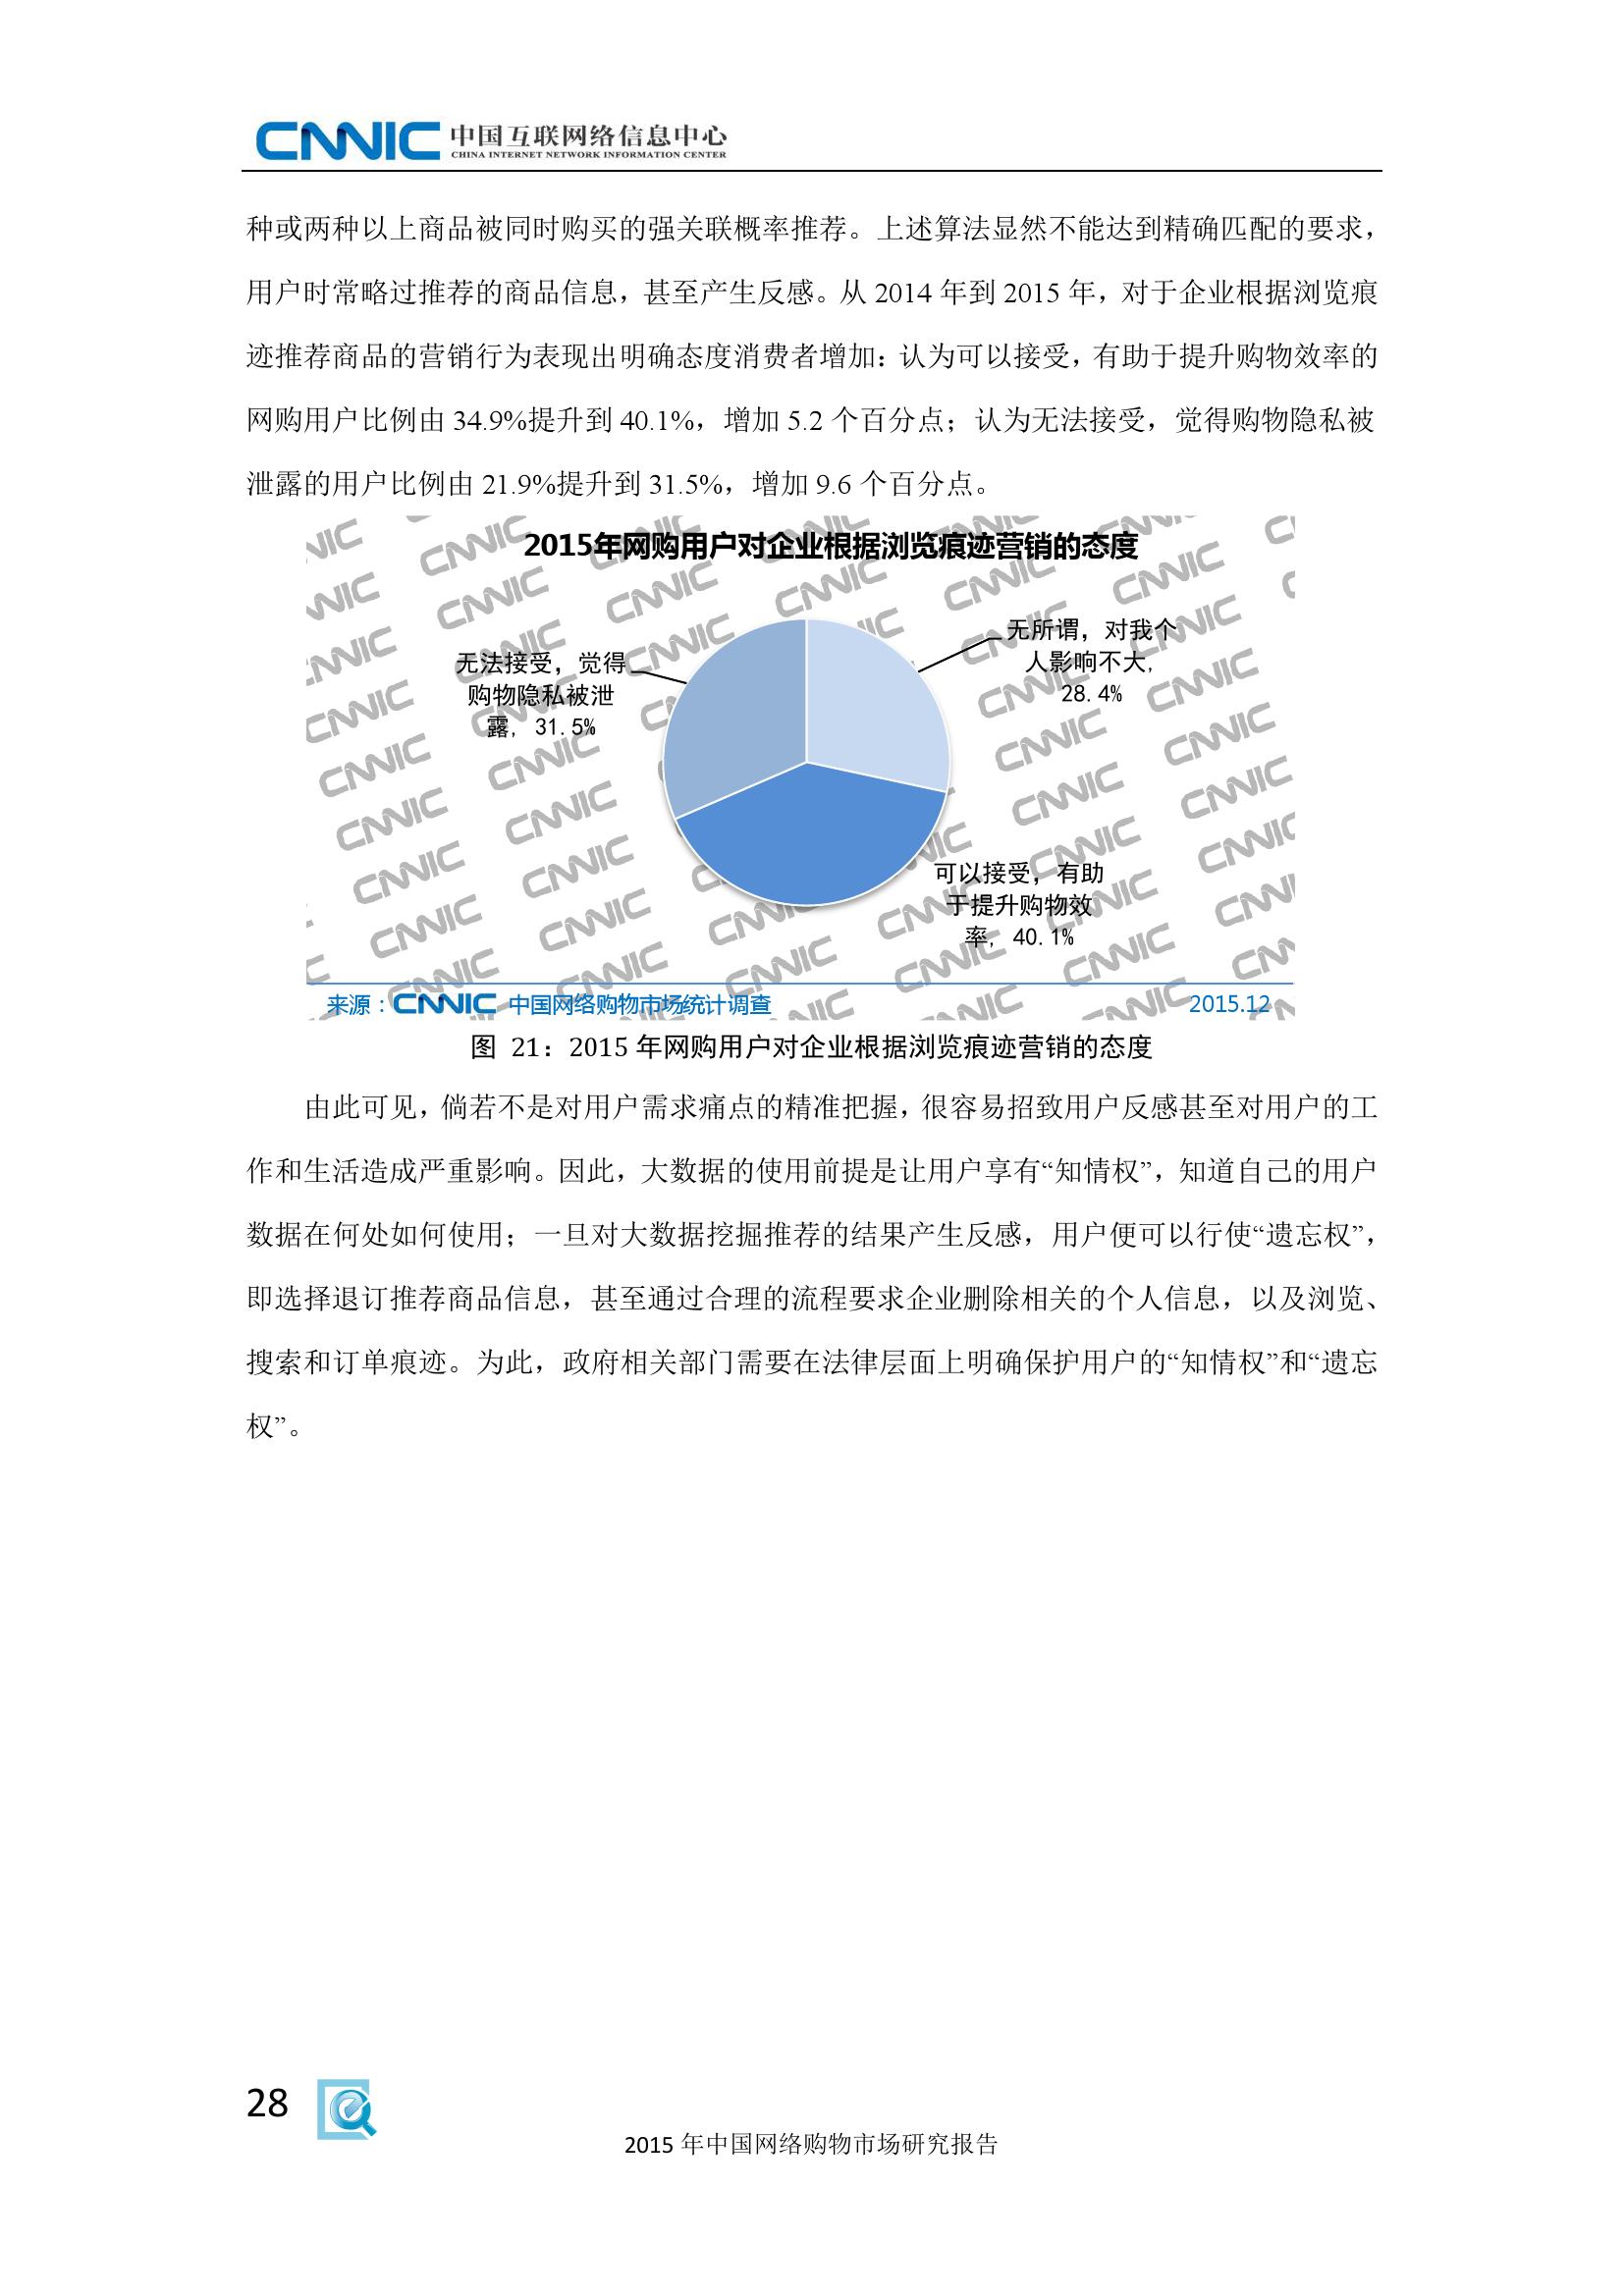 2015年中国网络购物市场研究报告_000036